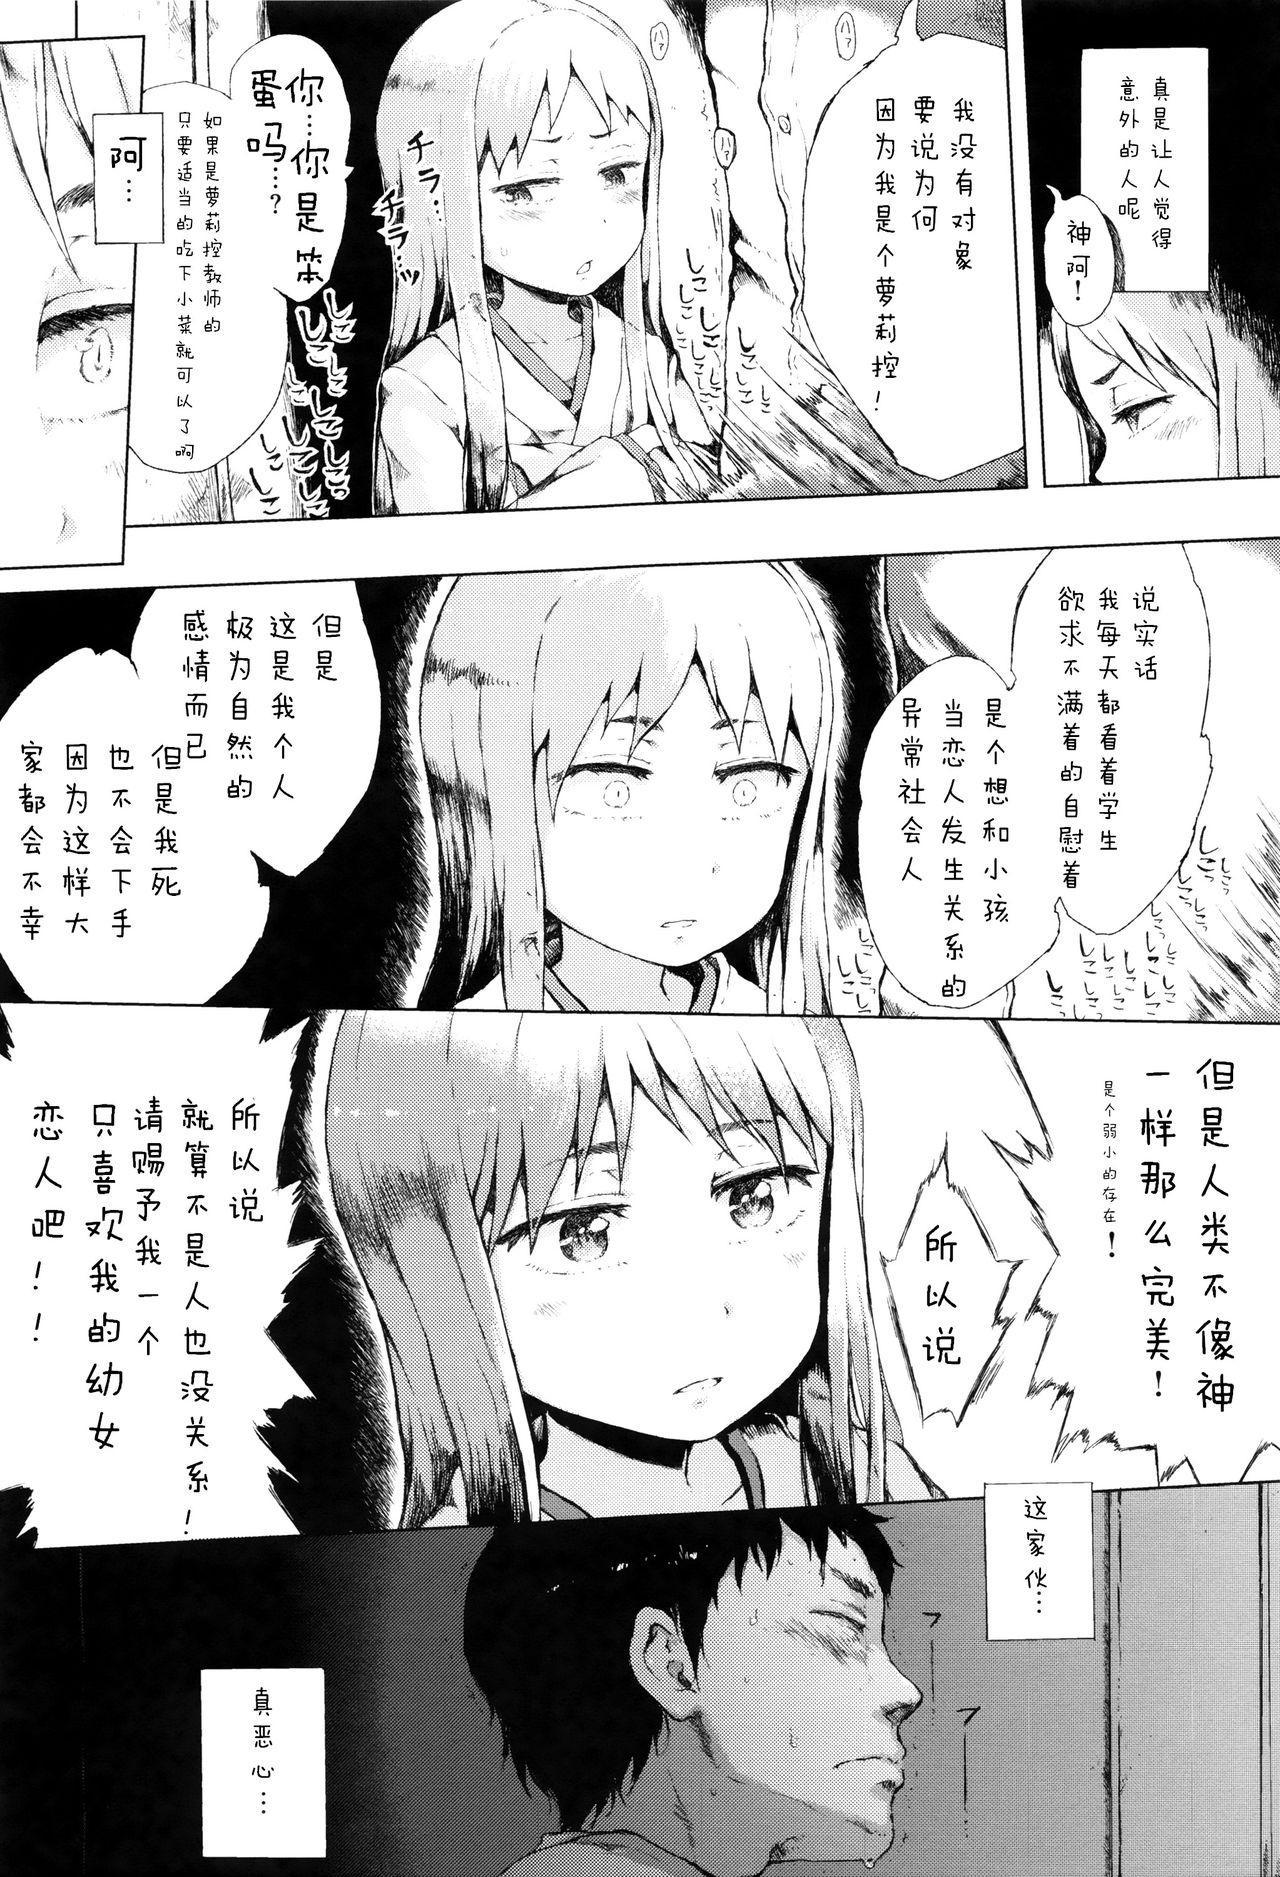 Dakara Kami-sama, Boku ni shika Mienai Chiisana Koibito o Kudasai. 104